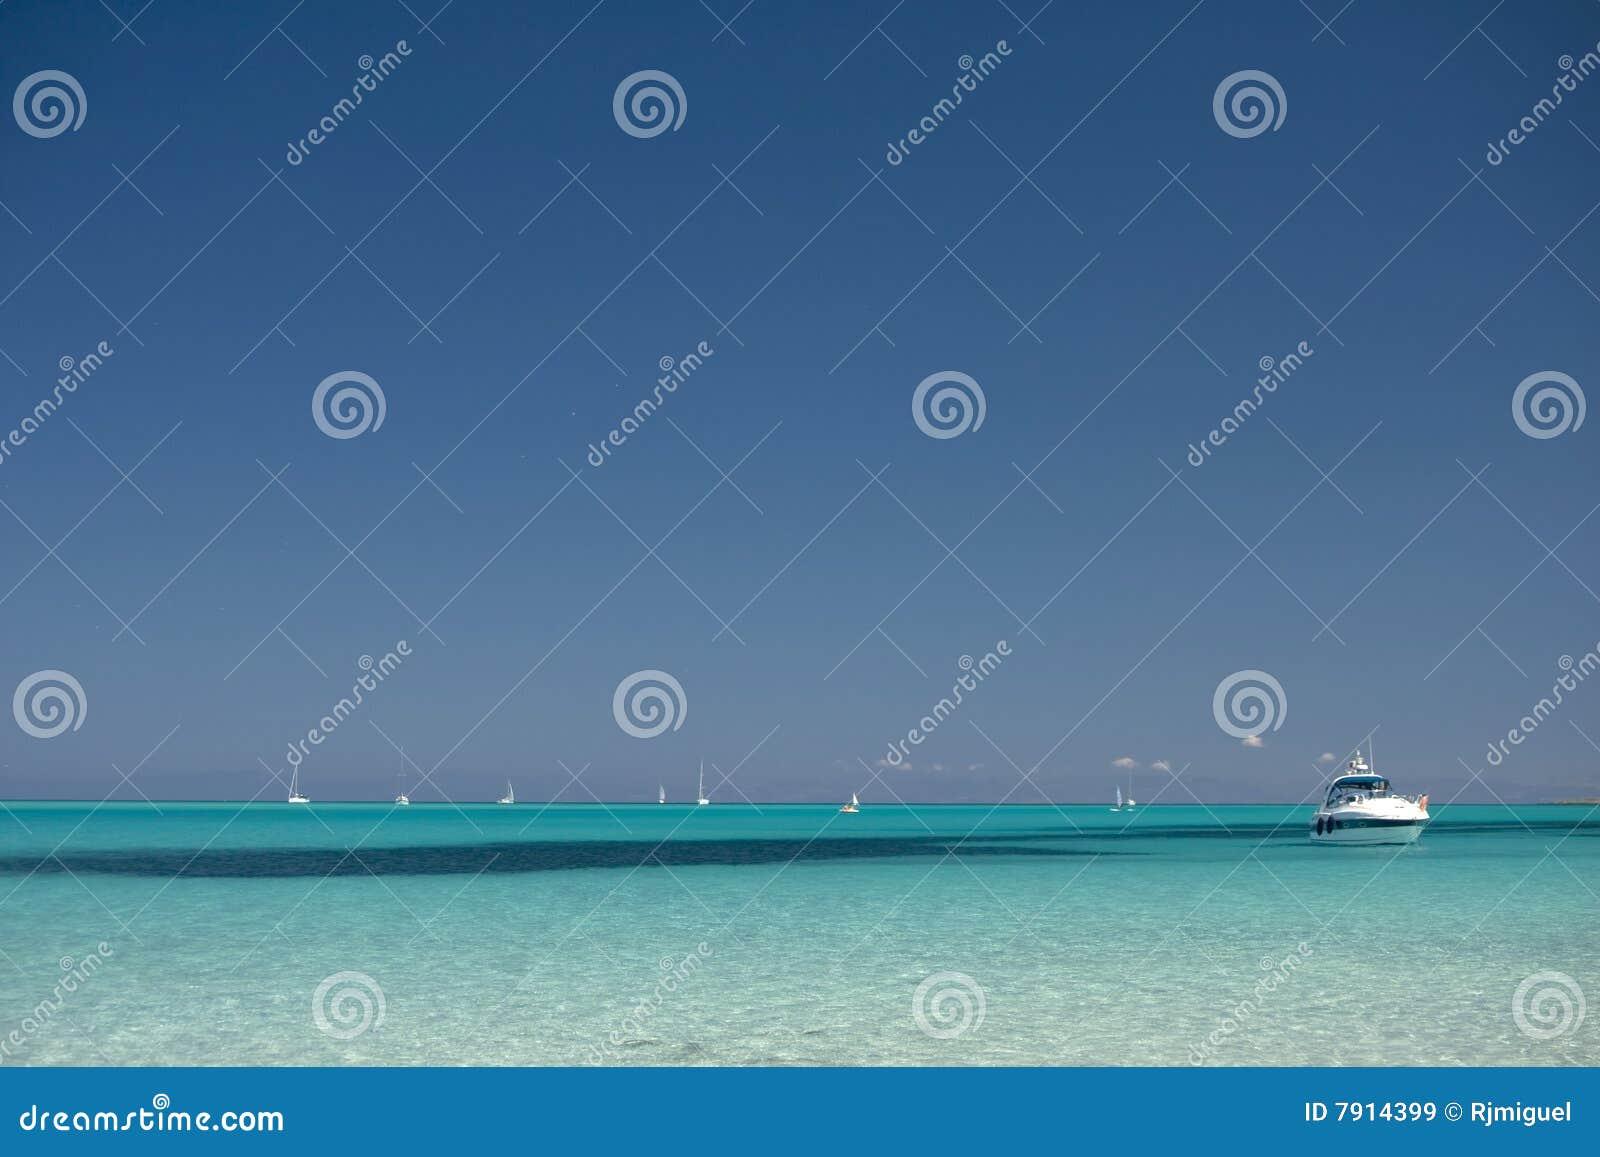 Spiaggia tropicale immagine stock immagine di scenico for Disegni di casa sulla spiaggia tropicale